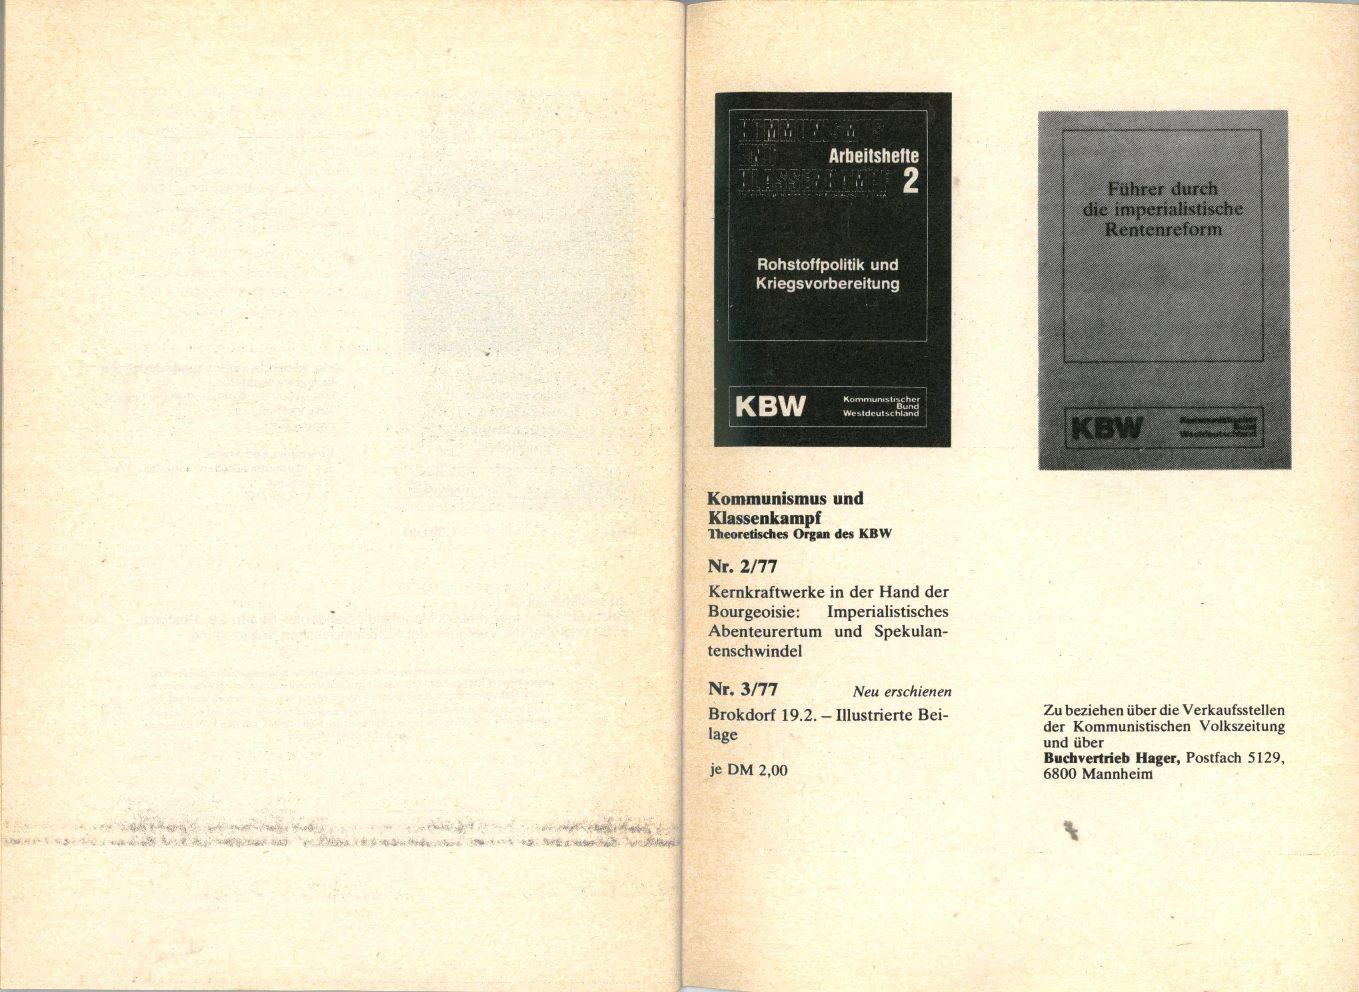 IGM_KBW_Krise_in_der_Stahlindustrie_1977_33